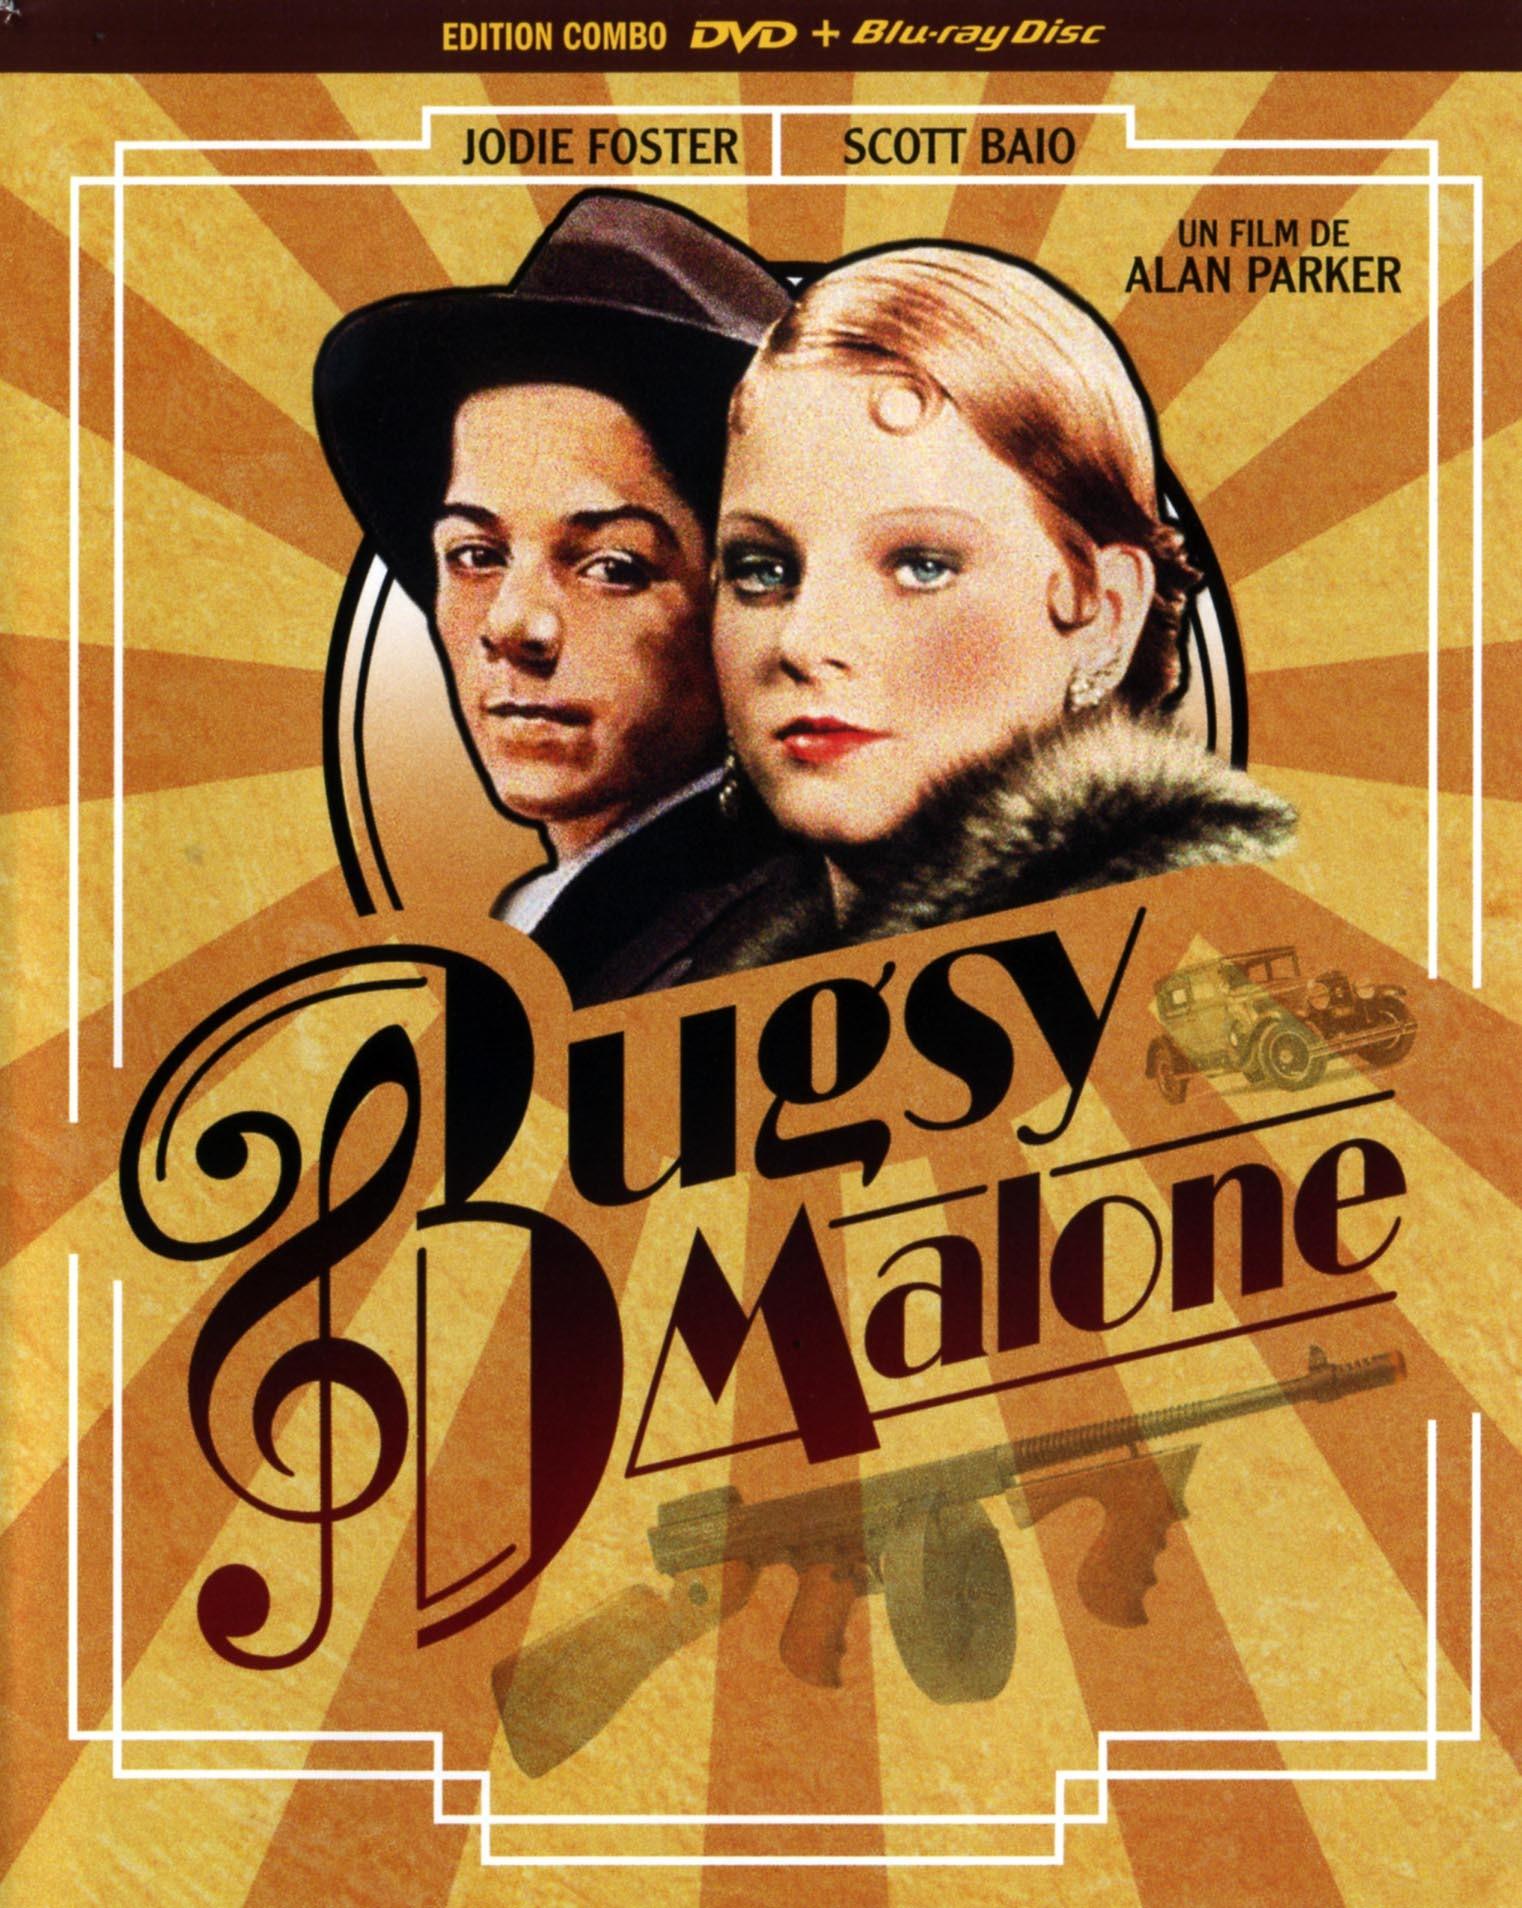 BUGSY MALONE - COMBO BLU-RAY + DVD